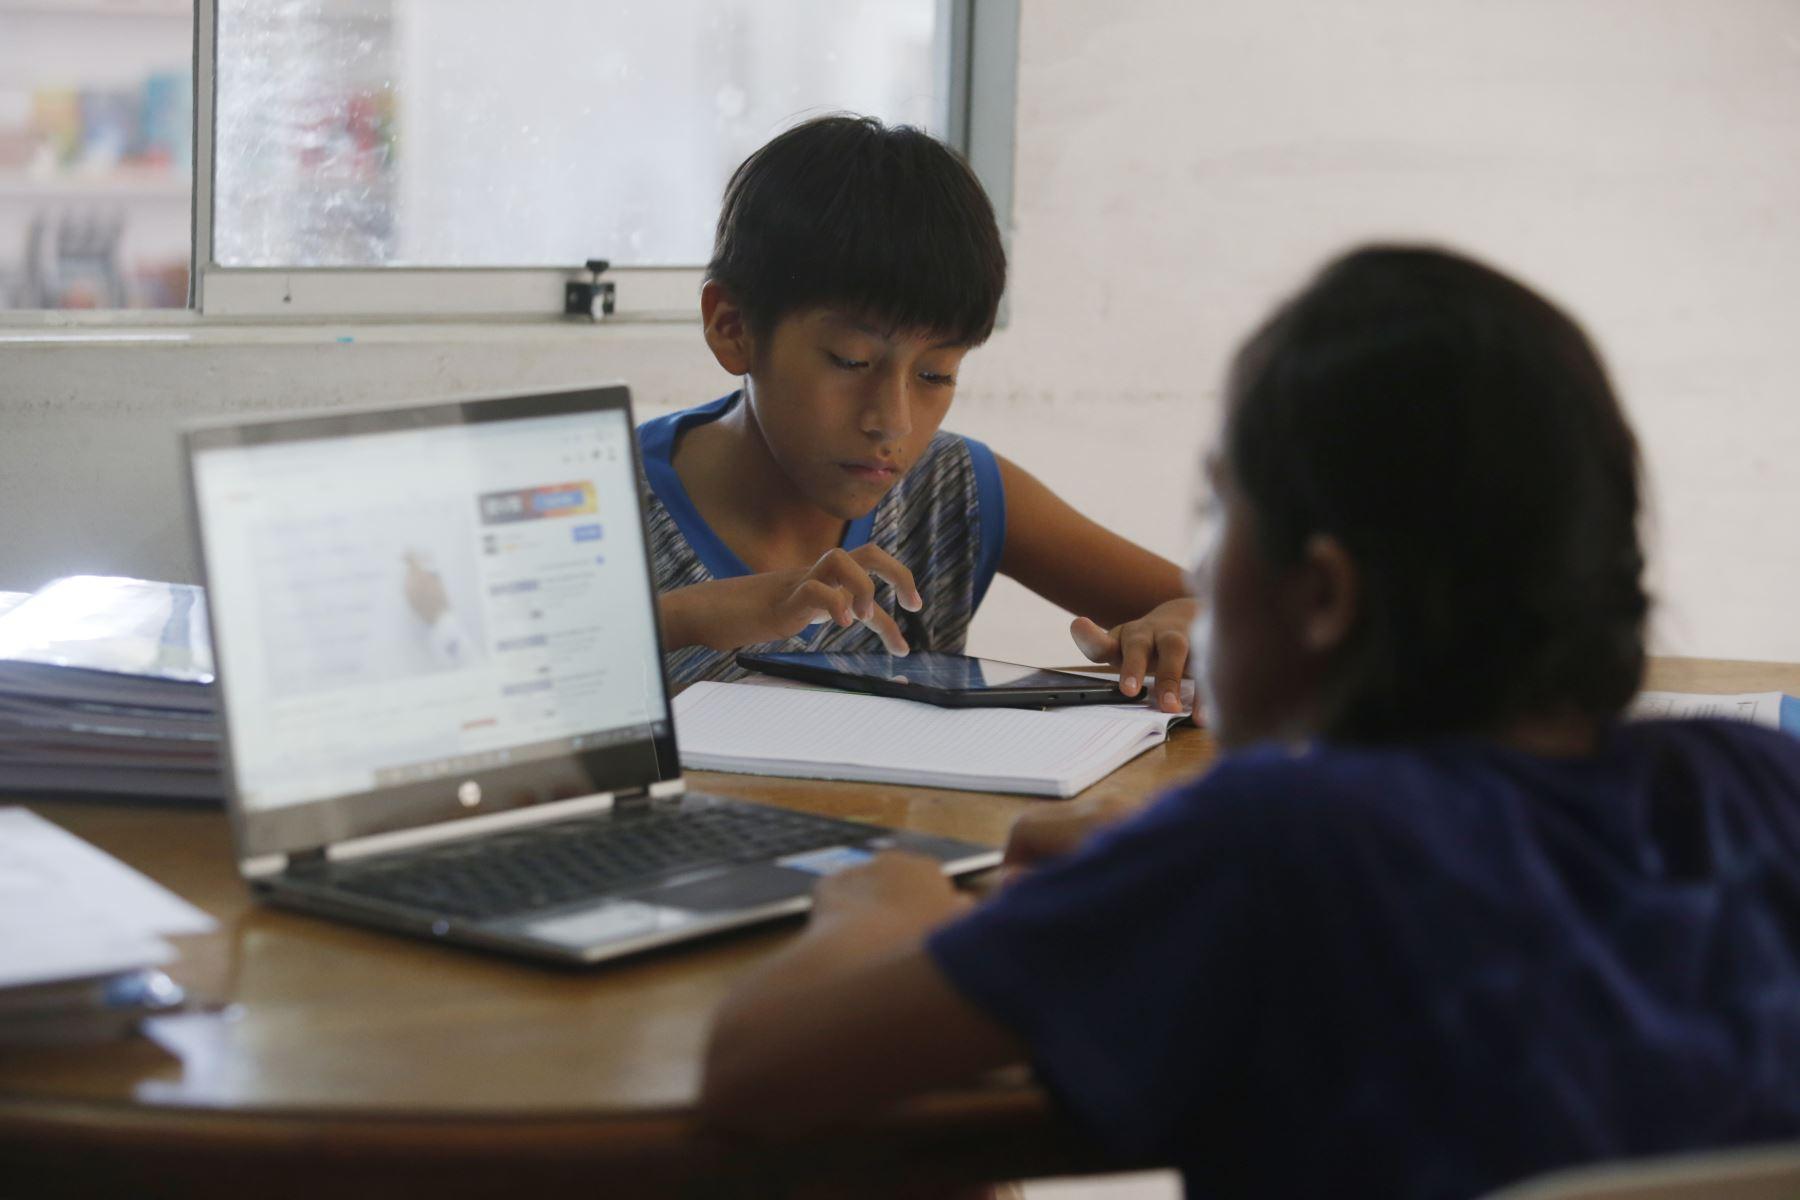 La estrategia se implementará en un eventual retorno a la presencialidad, informó el Ministerio de Educación. Foto: ANDINA/Difusión